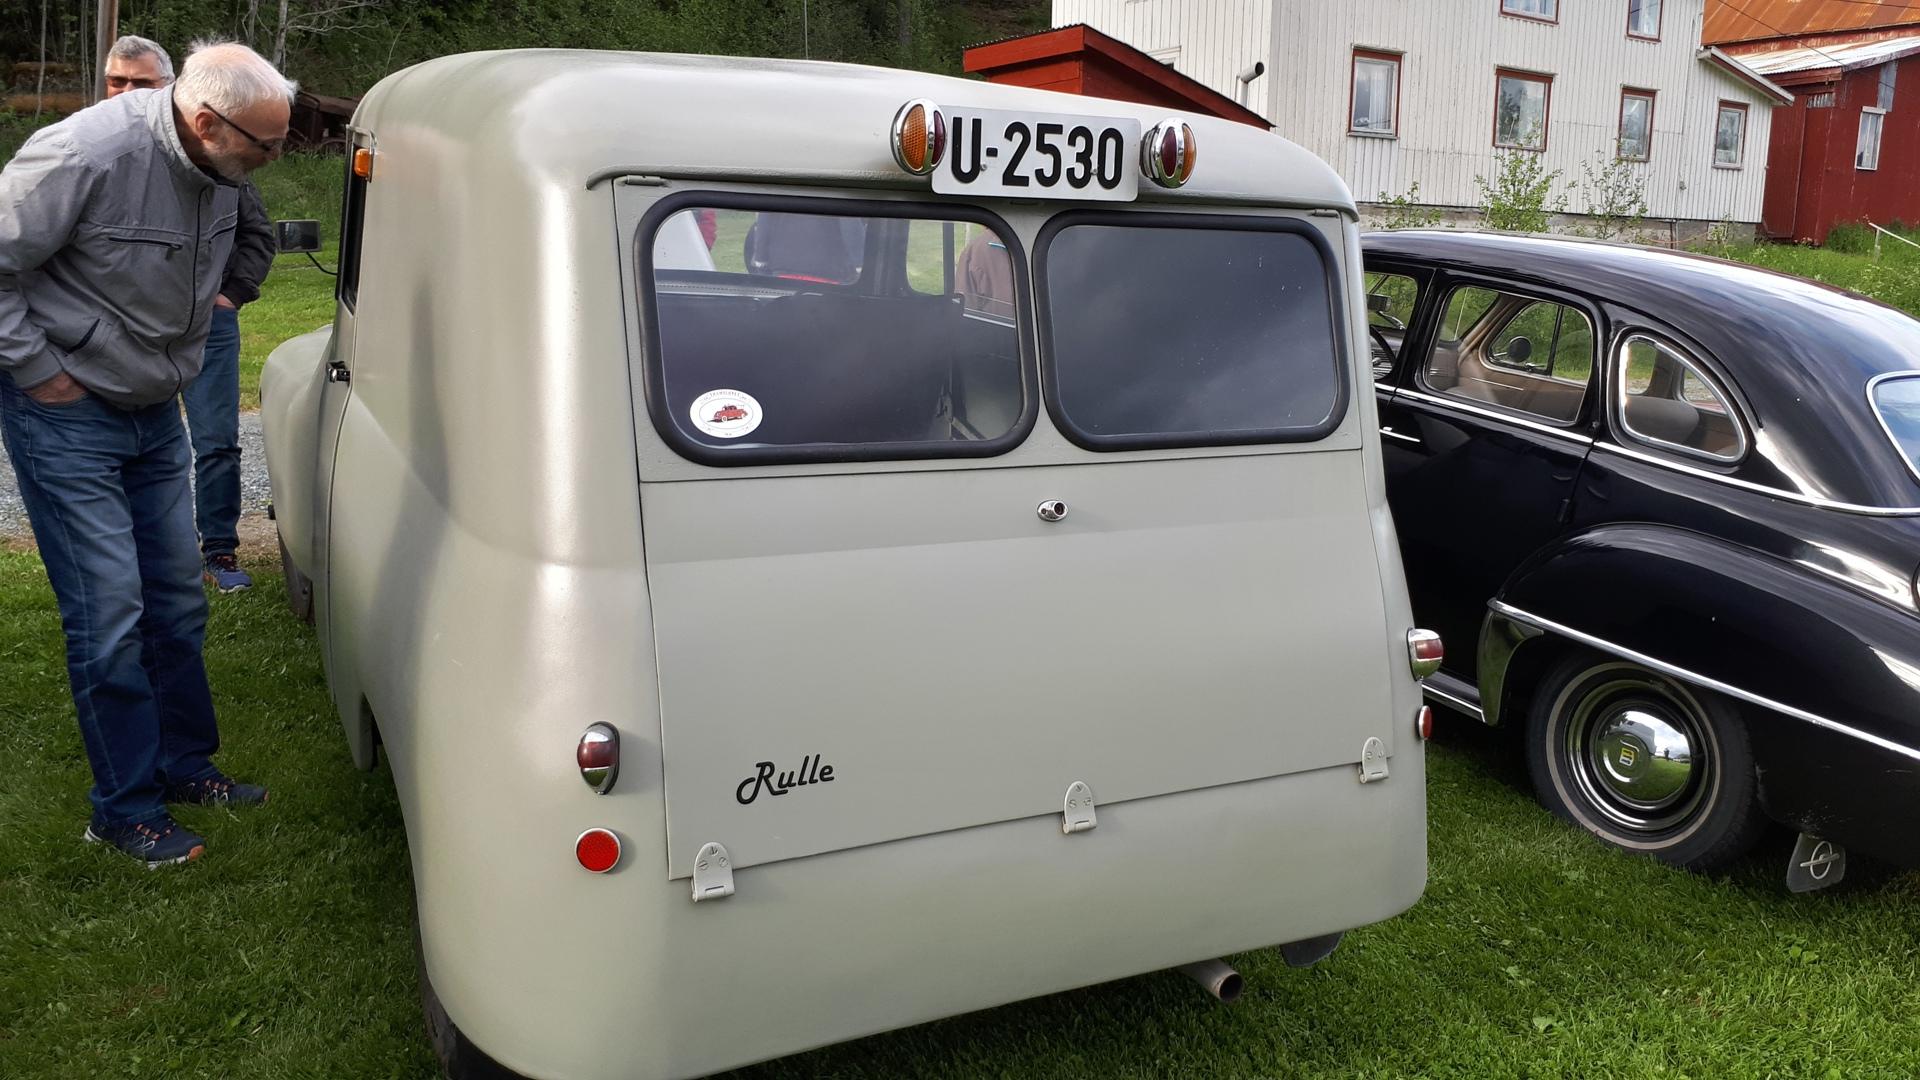 Bilen Rulle fra Orkganger